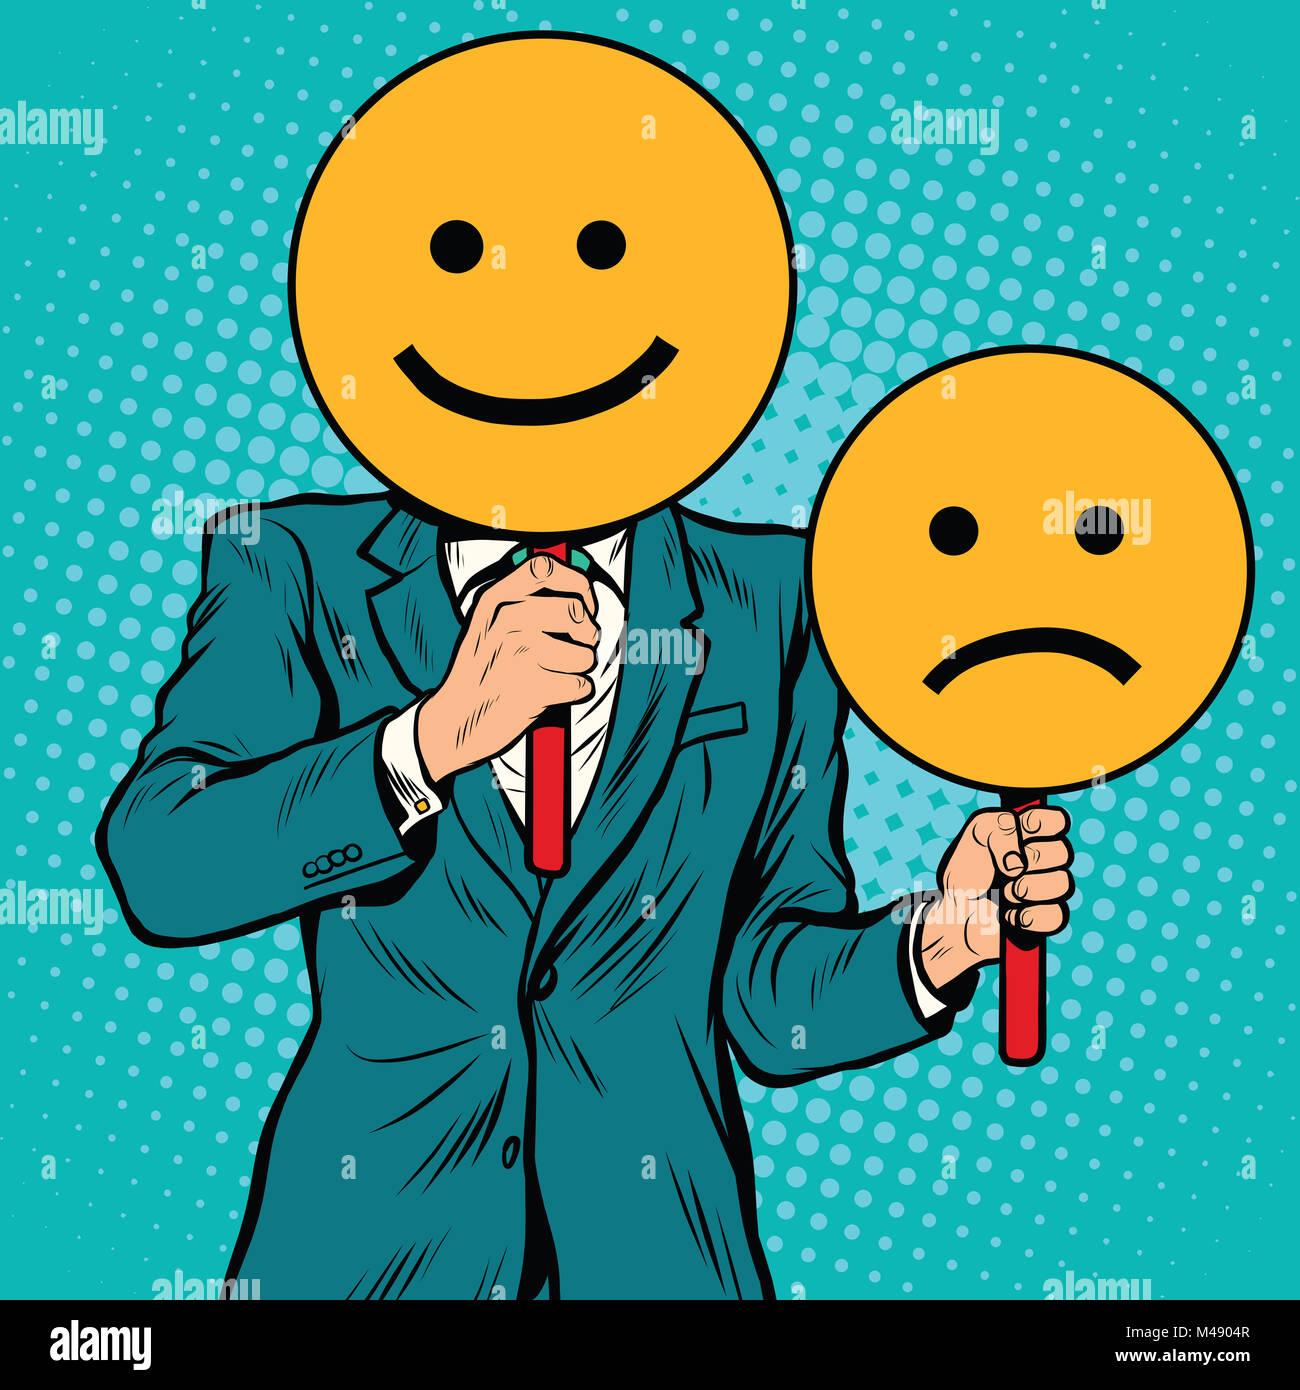 Smiley espressioni facciali felici e tristi Immagini Stock